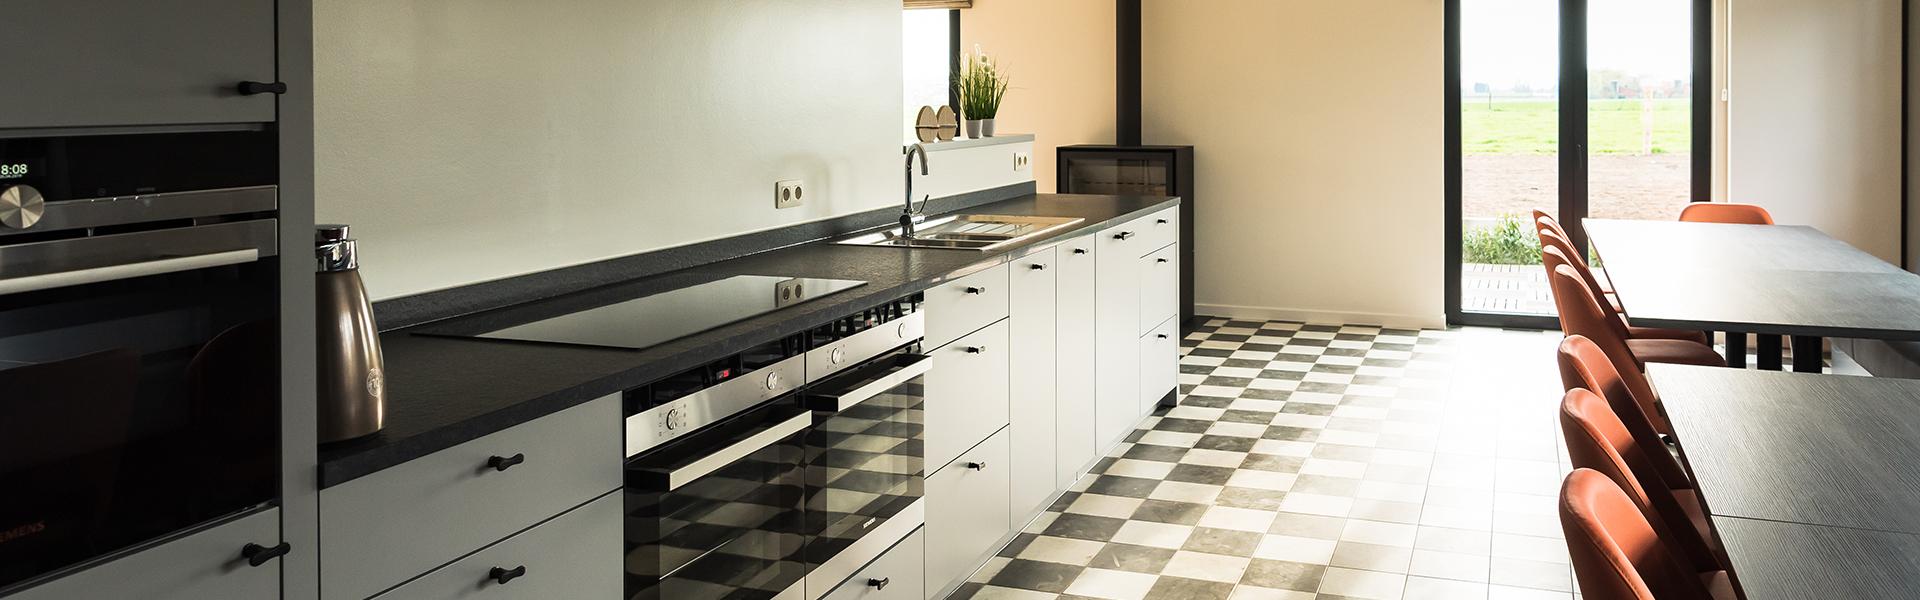 Huis met ingerichte keuken en grote frigo